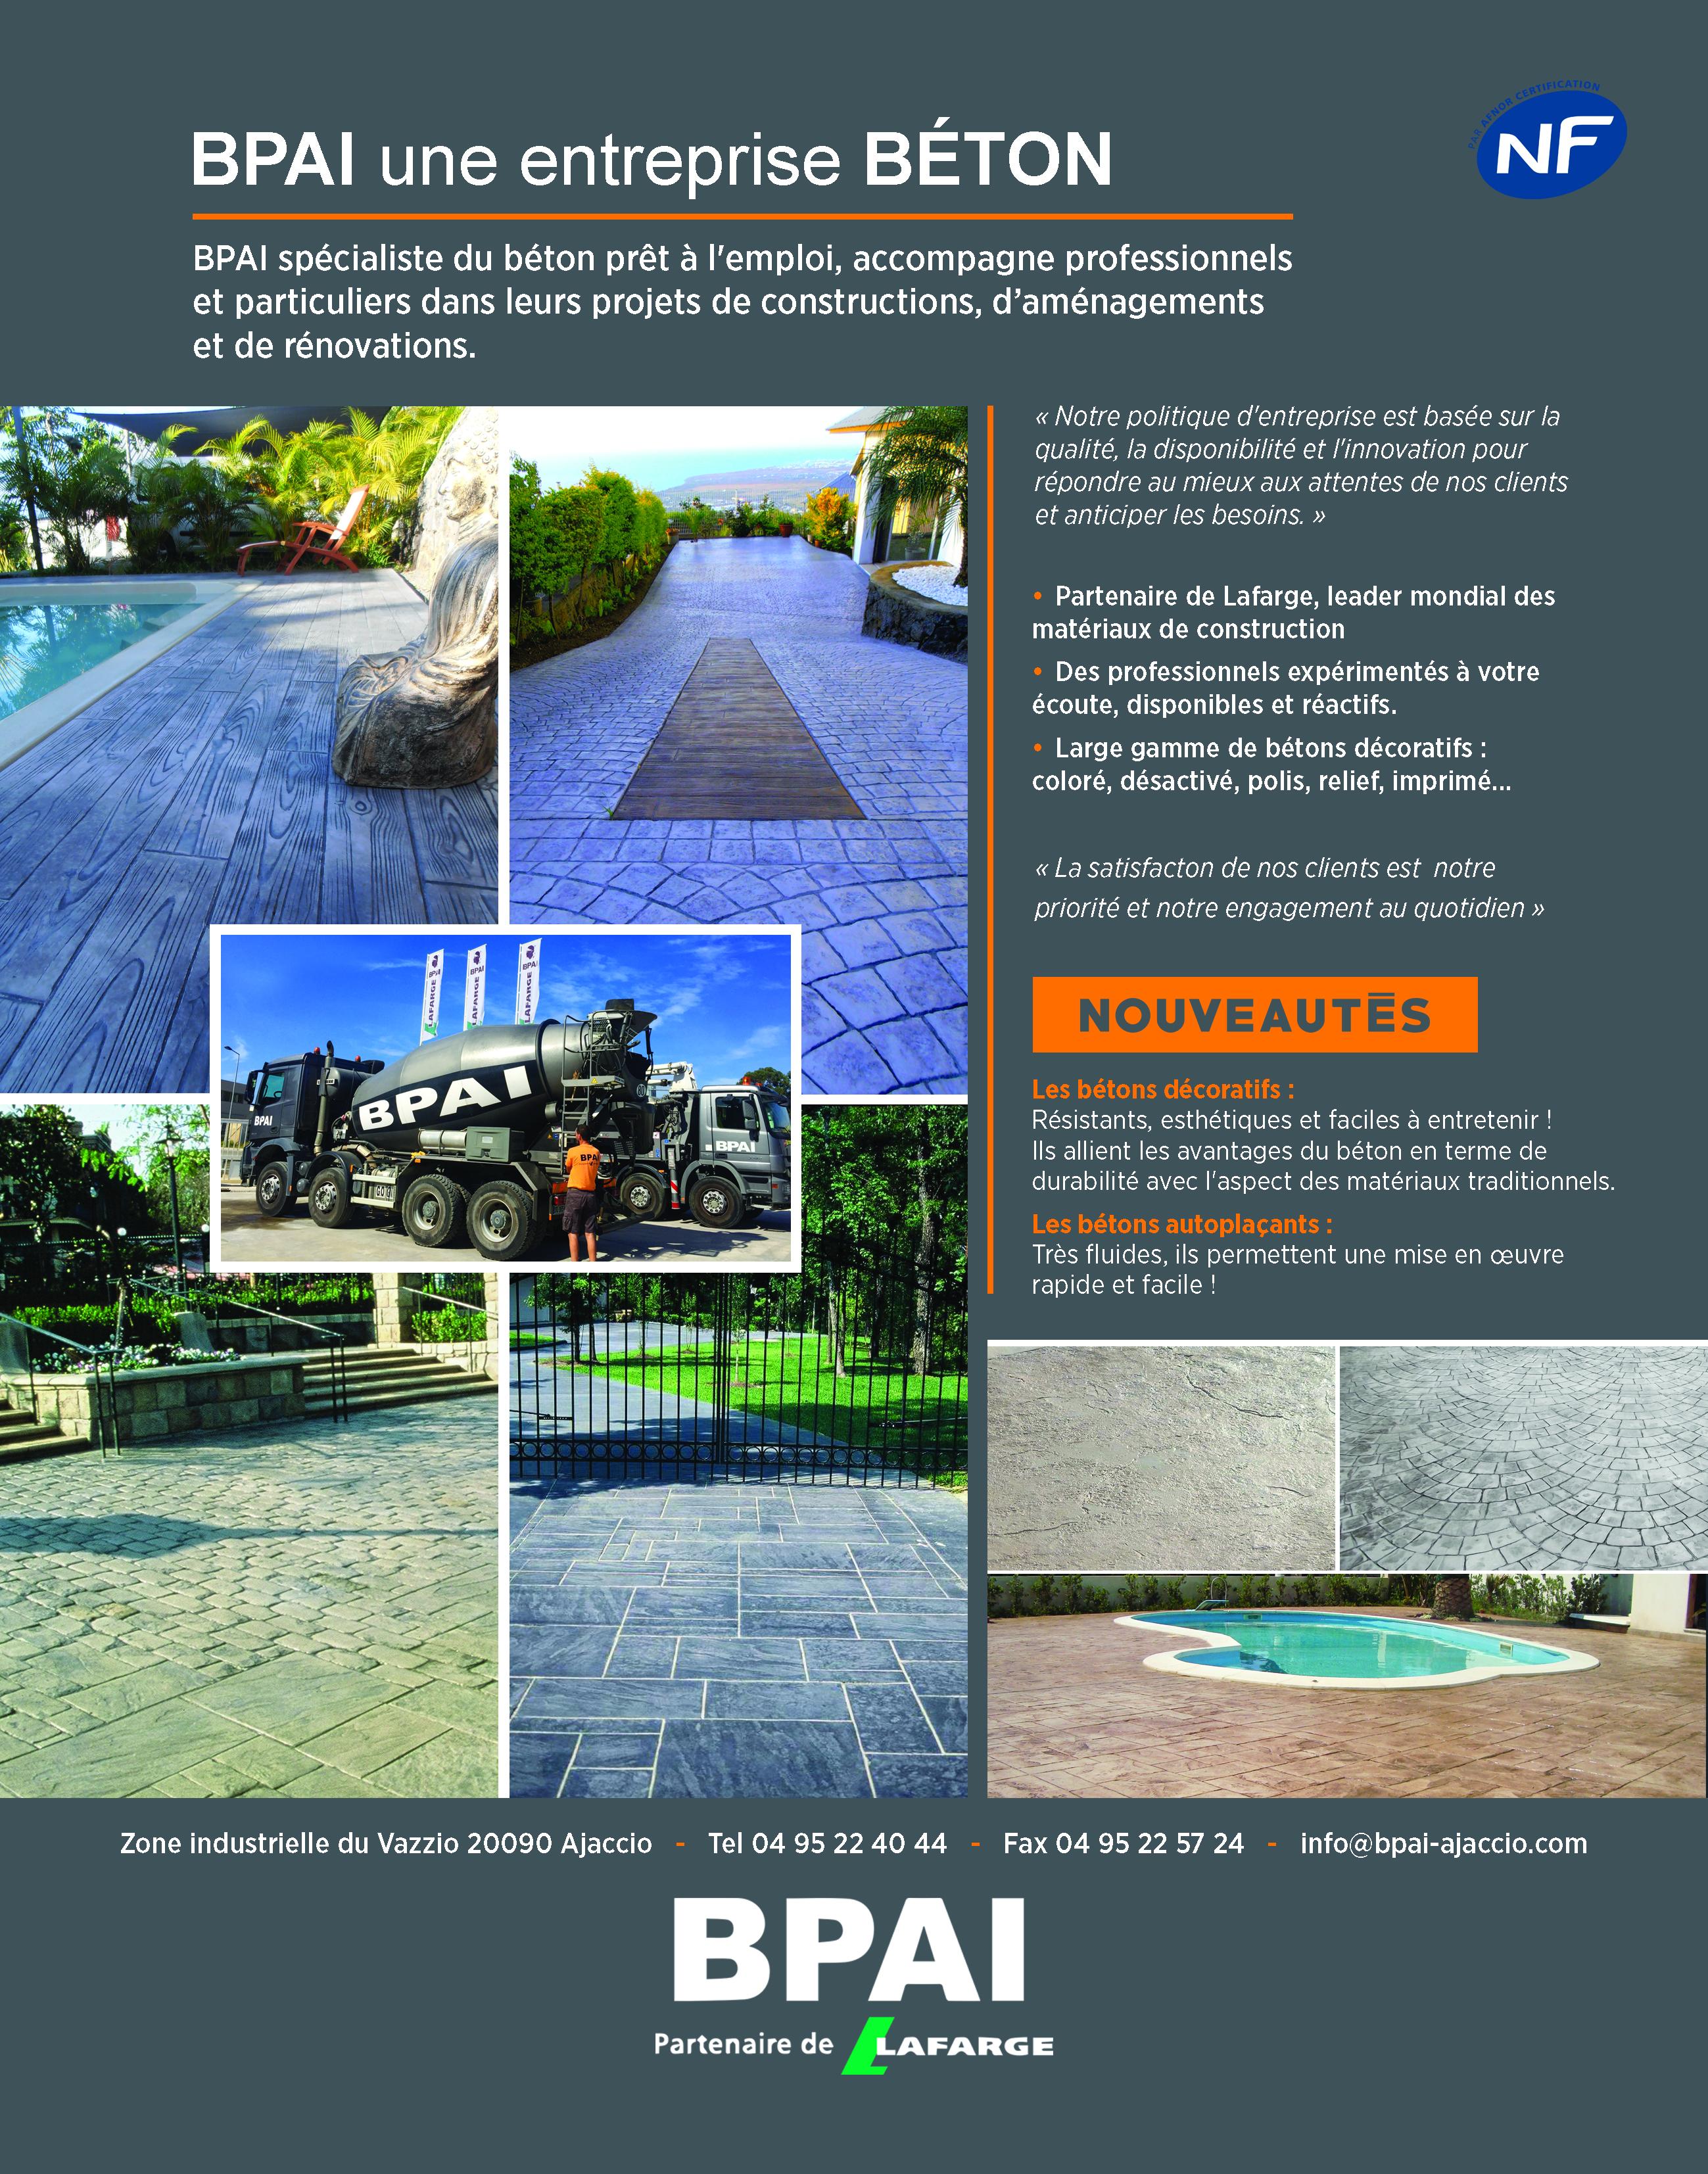 Pub_BPAI_CAMPA QUI BPAI franchisé Lafarge Holcim spécialiste du béton prêt à l'emploi, béton décoratif, accompagne professionnels et particuliers dans leurs projets de constructions, d'aménagements et de rénovations.